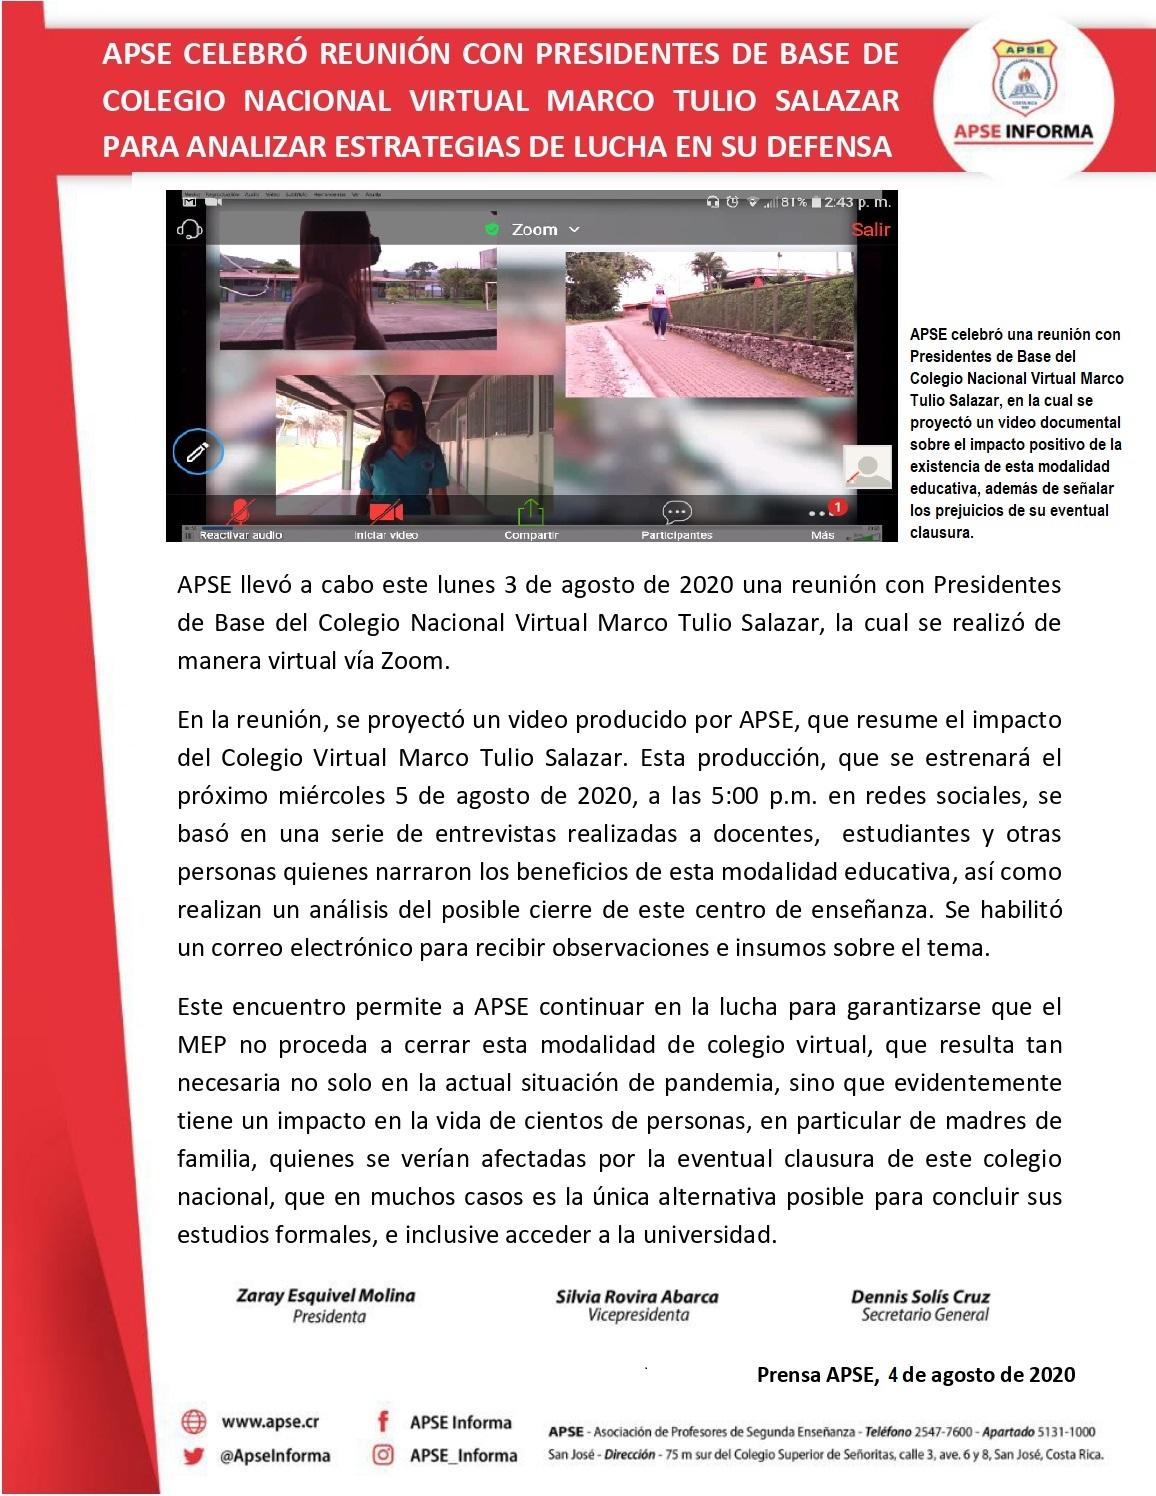 APSE CELEBRÓ REUNIÓN CON PRESIDENTES DE BASE DE COLEGIO NACIONAL VIRTUAL MARCO TULIO SALAZAR PARA ANALIZAR ESTRATEGIAS DE LUCHA EN SU DEFENSA